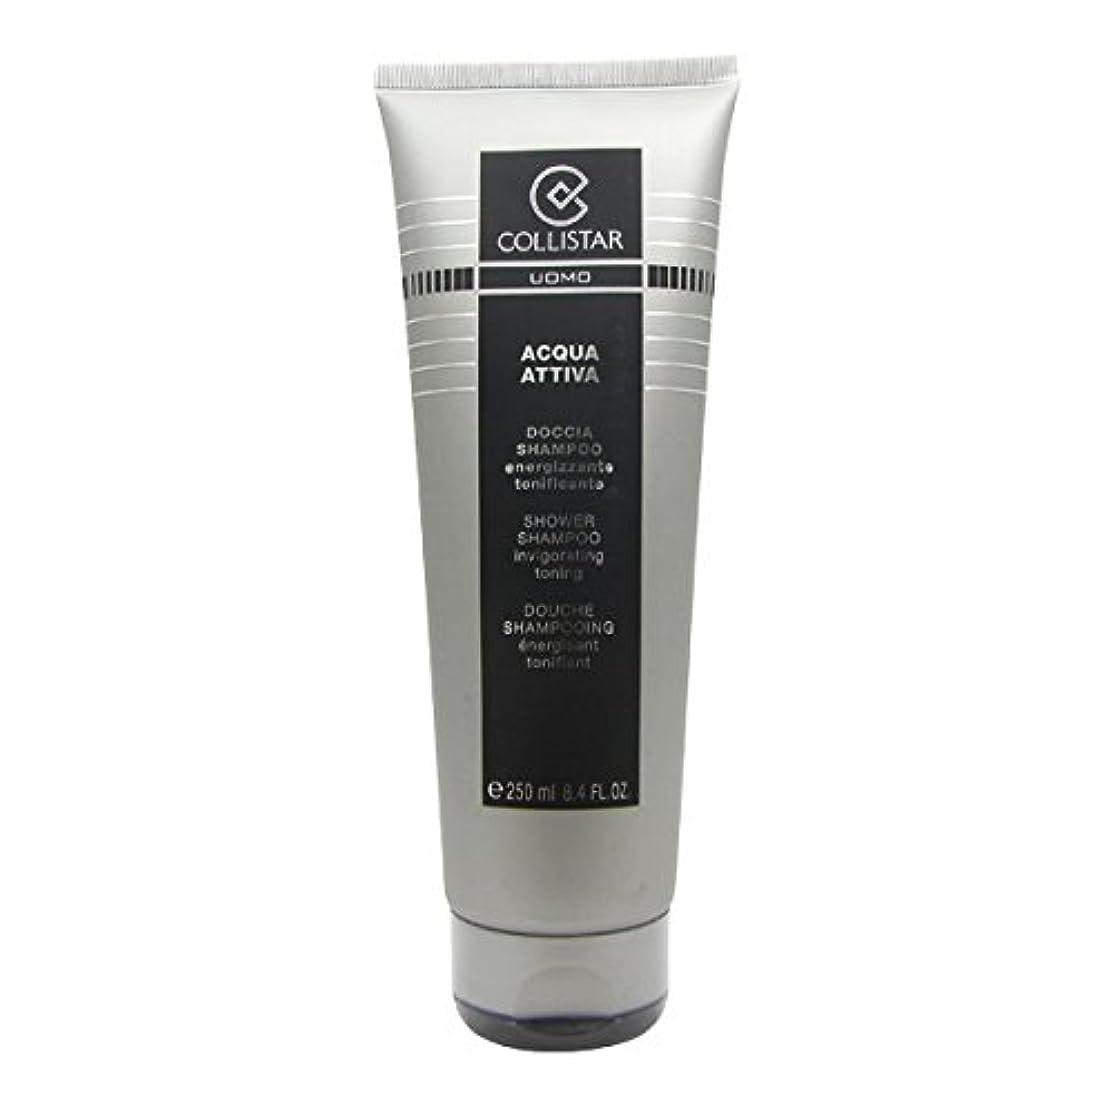 ダイヤモンドエレクトロニック無声でCollistar Men Acqua Attiva Shower Shampoo 250ml [並行輸入品]